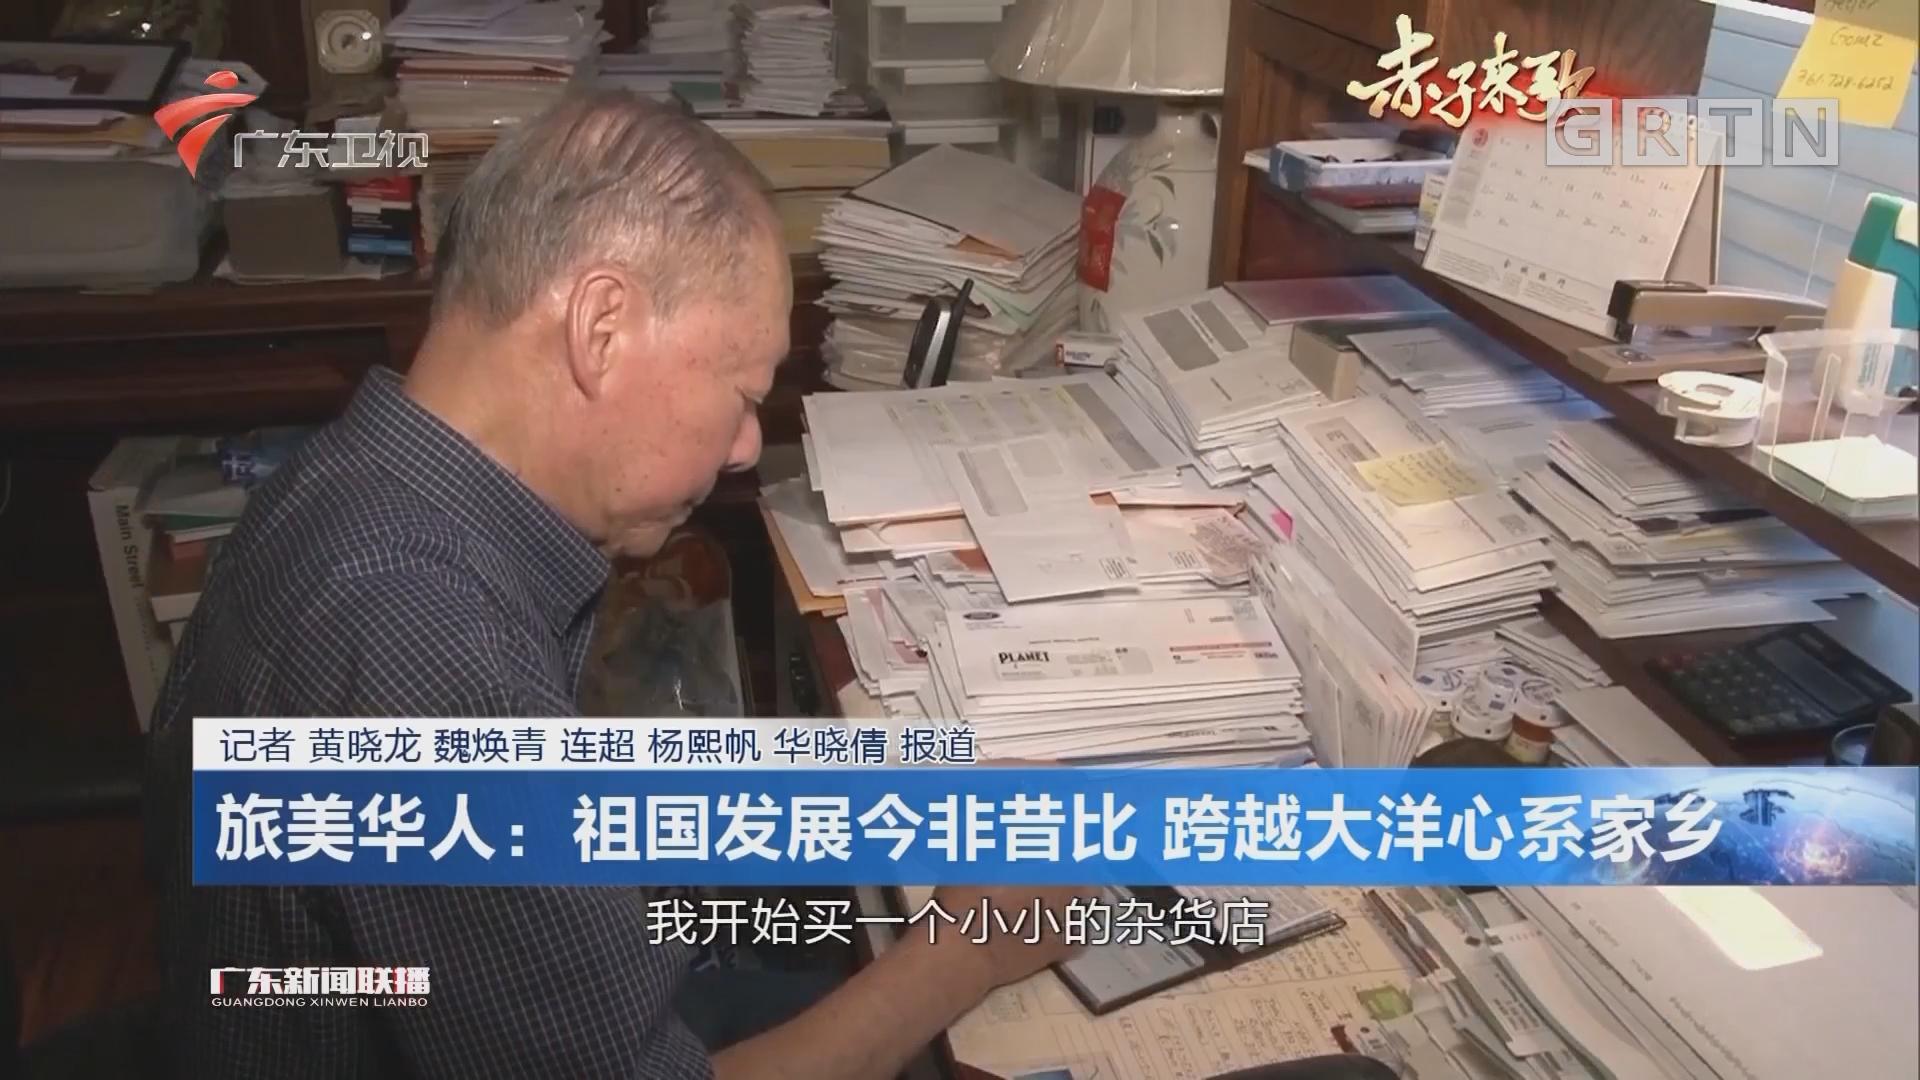 旅美华人:祖国发展今非昔比 跨越大洋心系家乡